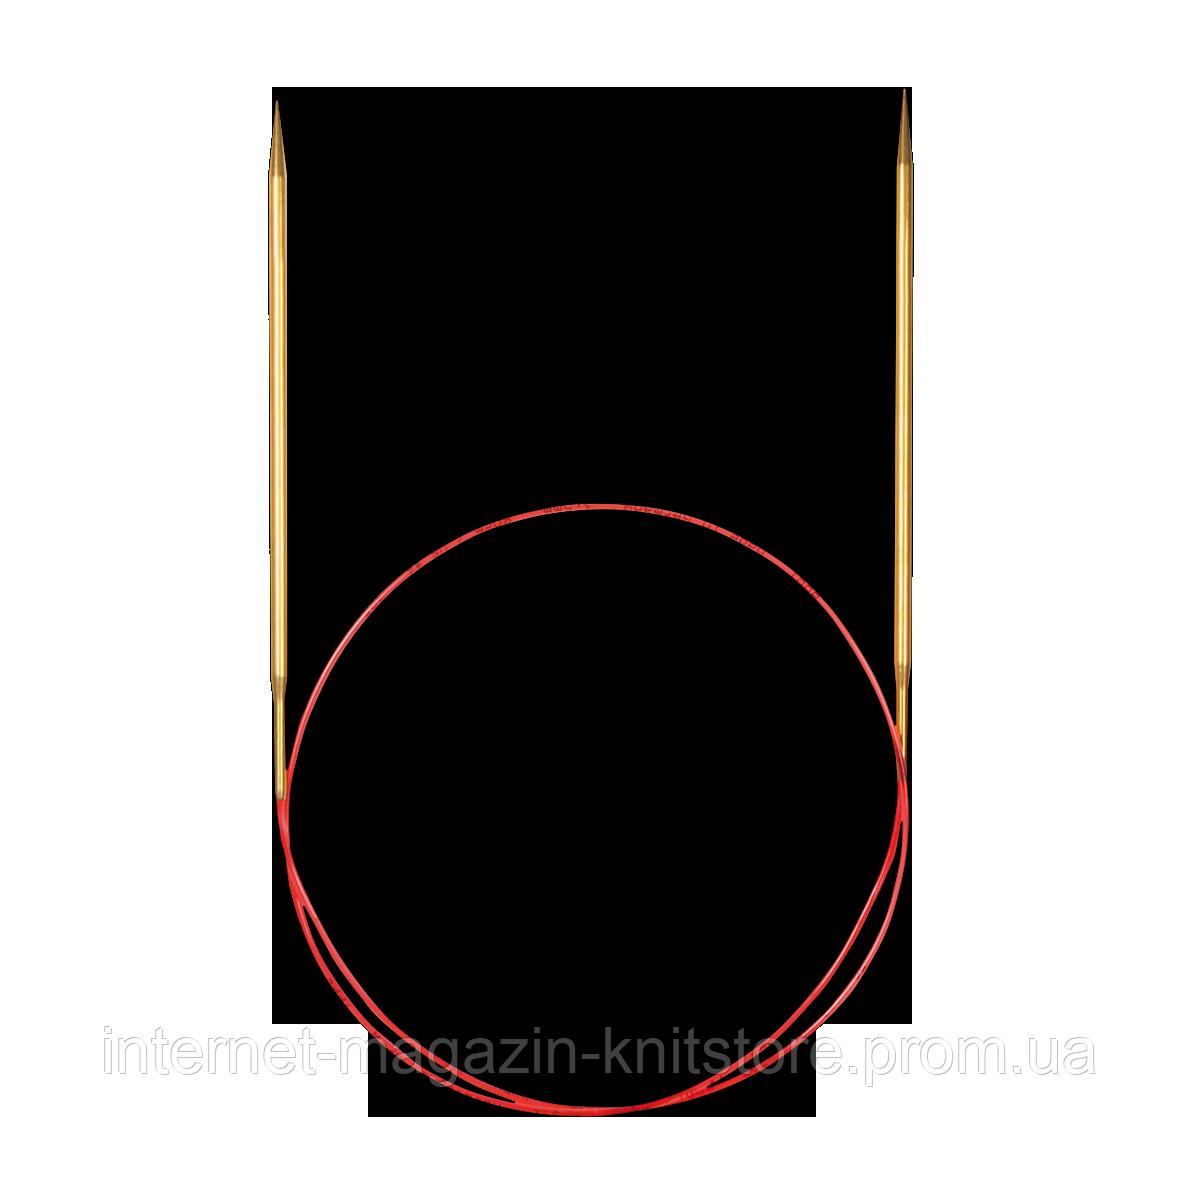 Спицы Addi | круговые | c удлиненным кончиком | 100 см | 2.5 мм